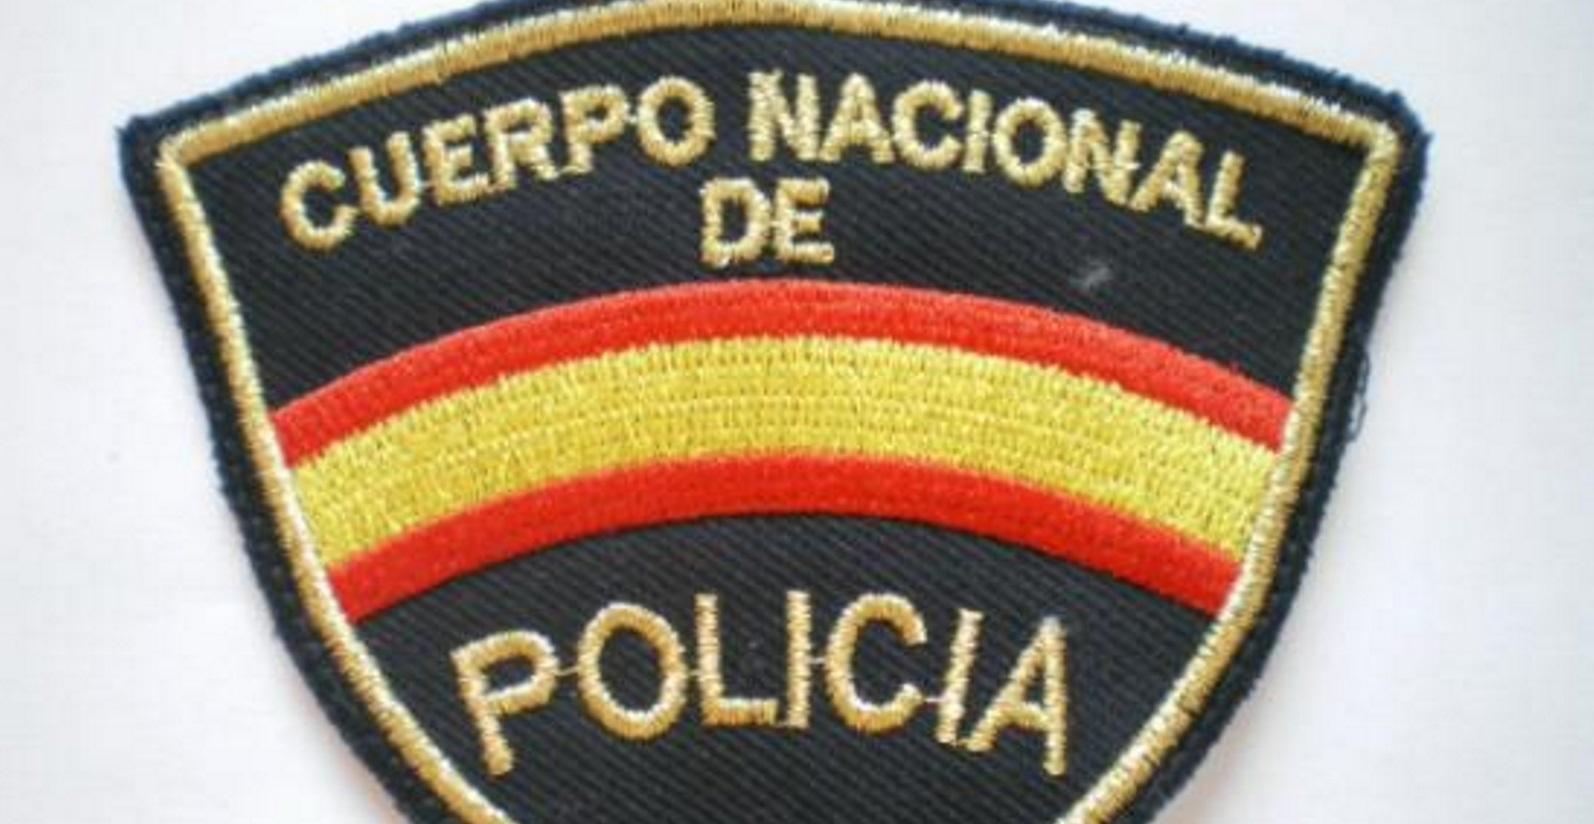 El Tribunal obliga al Ministerio Interior a reconocer acto de servicio las lesiones de Policía Nacional